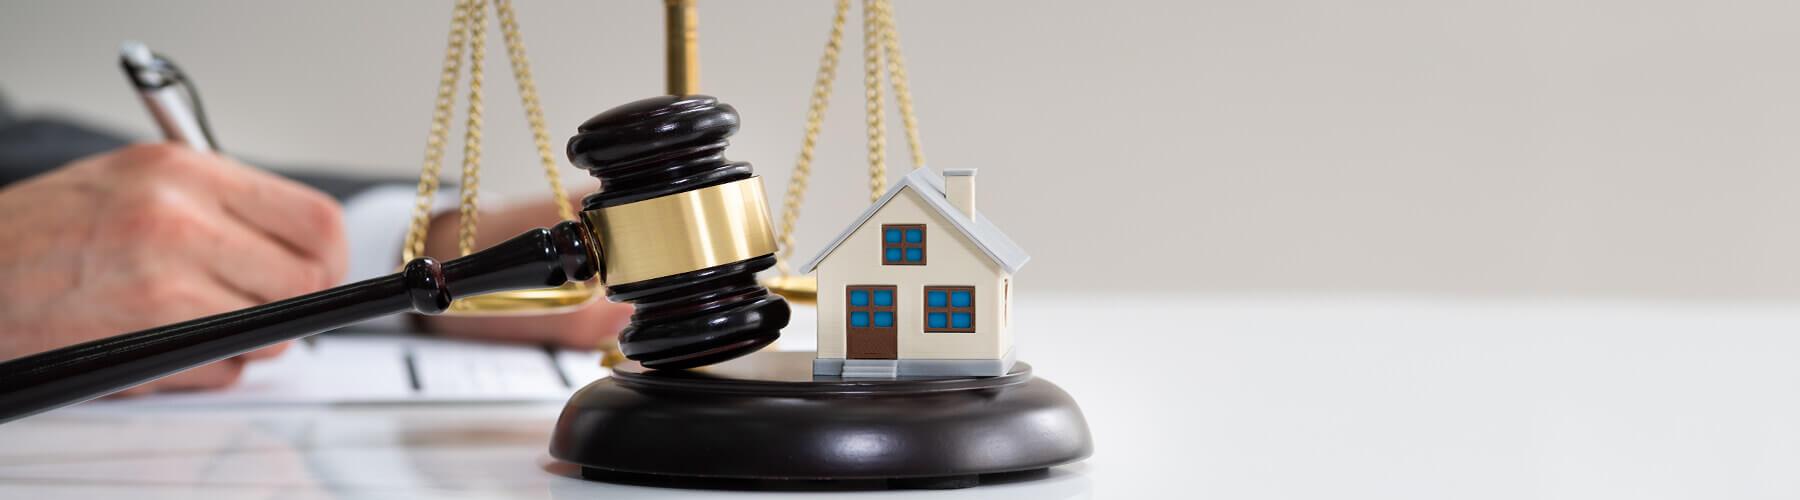 רכישת ומכירת דירות ונכסים